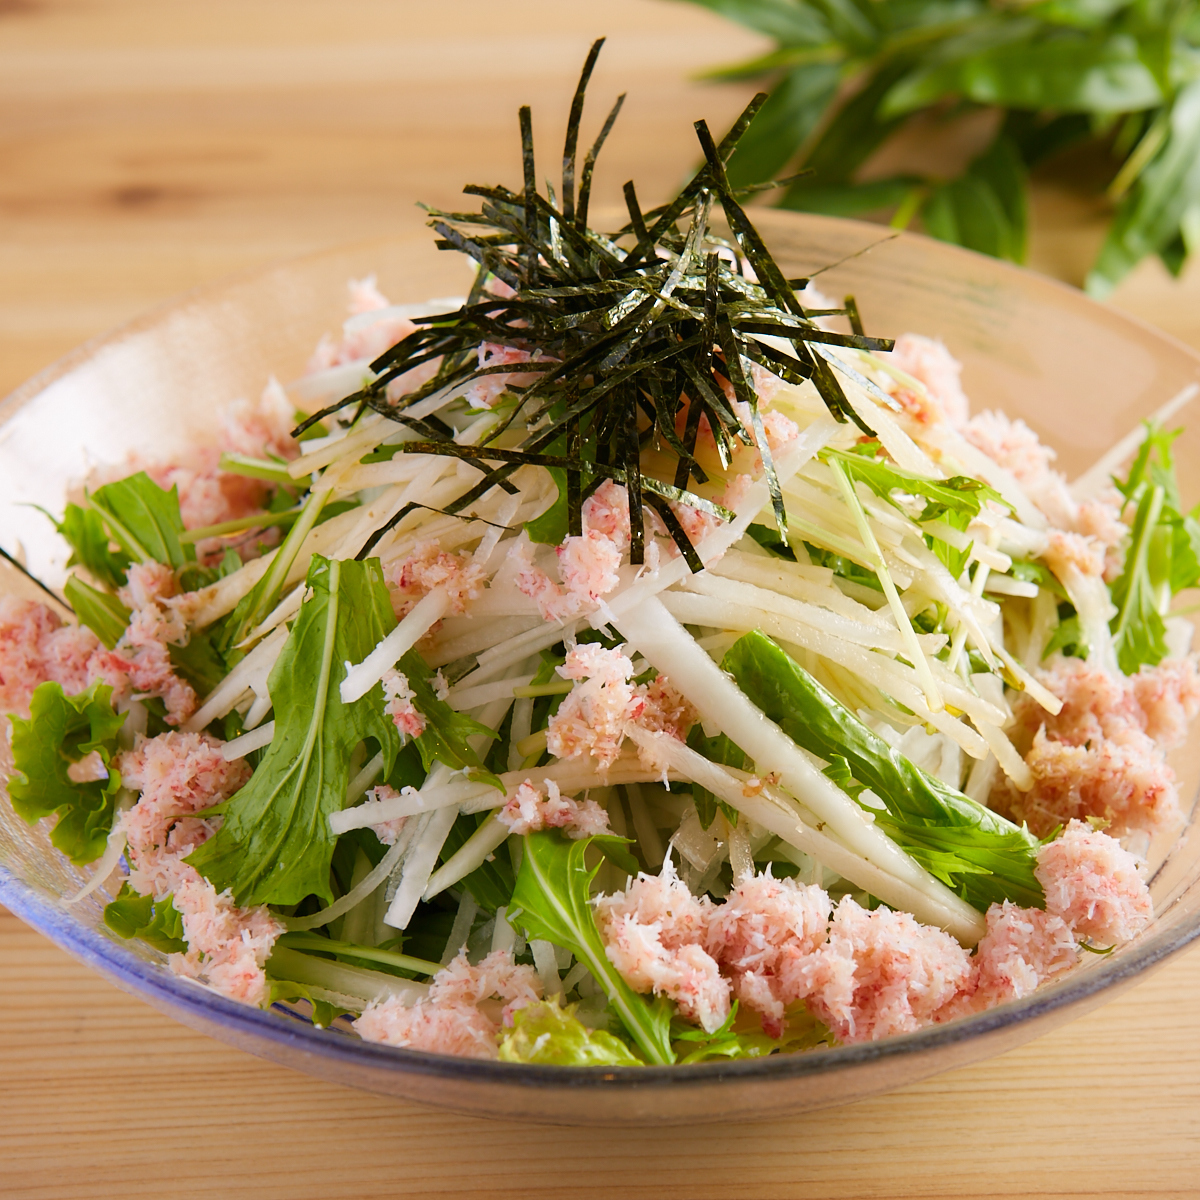 螃蟹內容豐富的蘿蔔沙拉